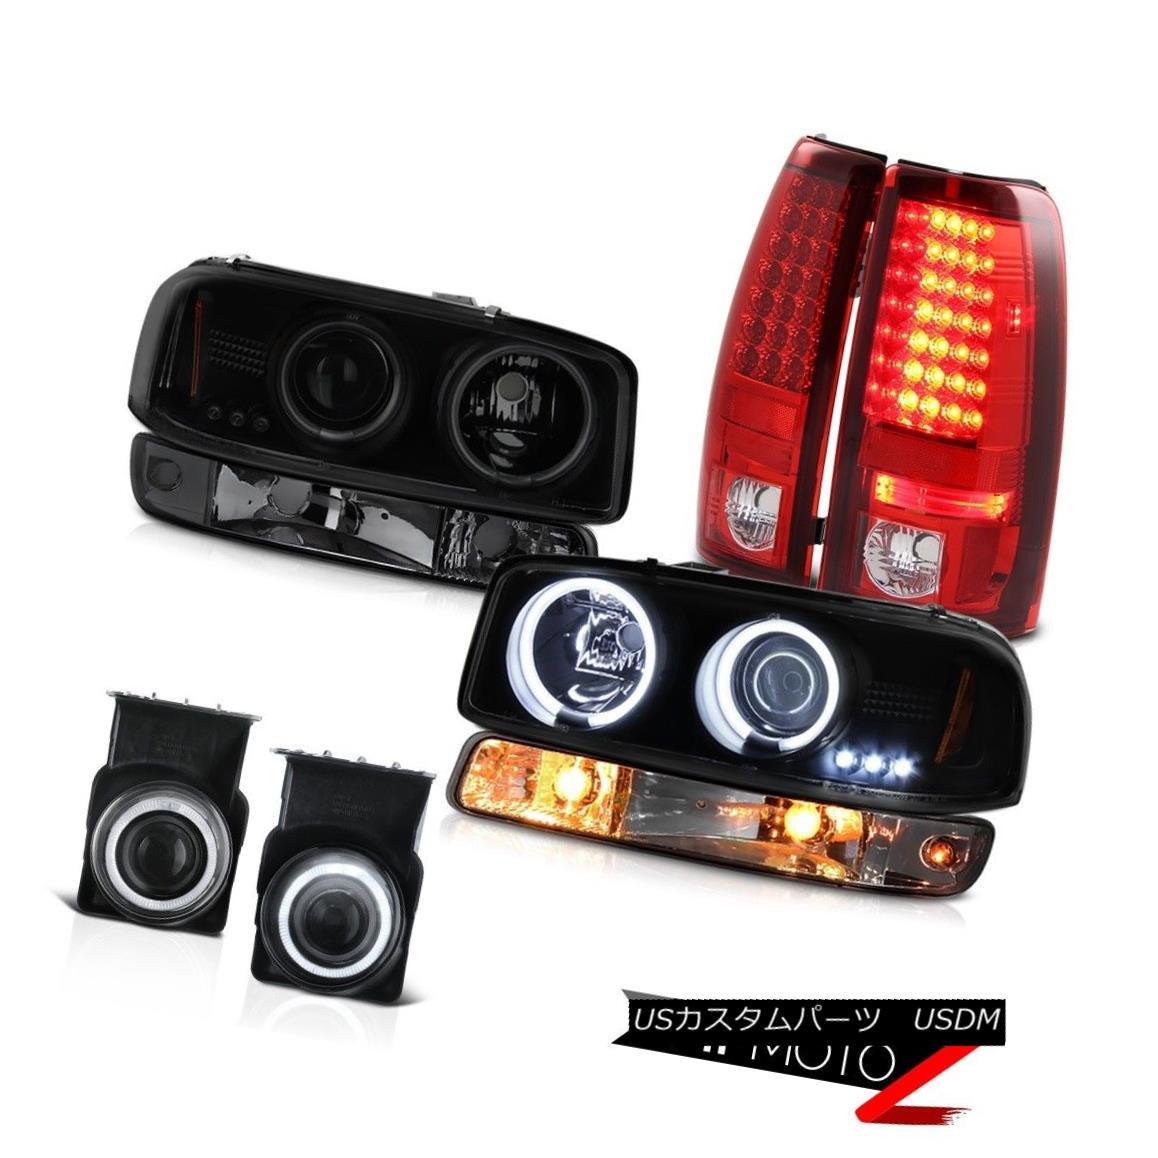 テールライト 03-06 Sierra C3 Fog lights rear brake turn signal darkest smoke ccfl Headlights 03-06シエラC3フォグライトリアブレーキターンシグナルダスト煙ccflヘッドライト